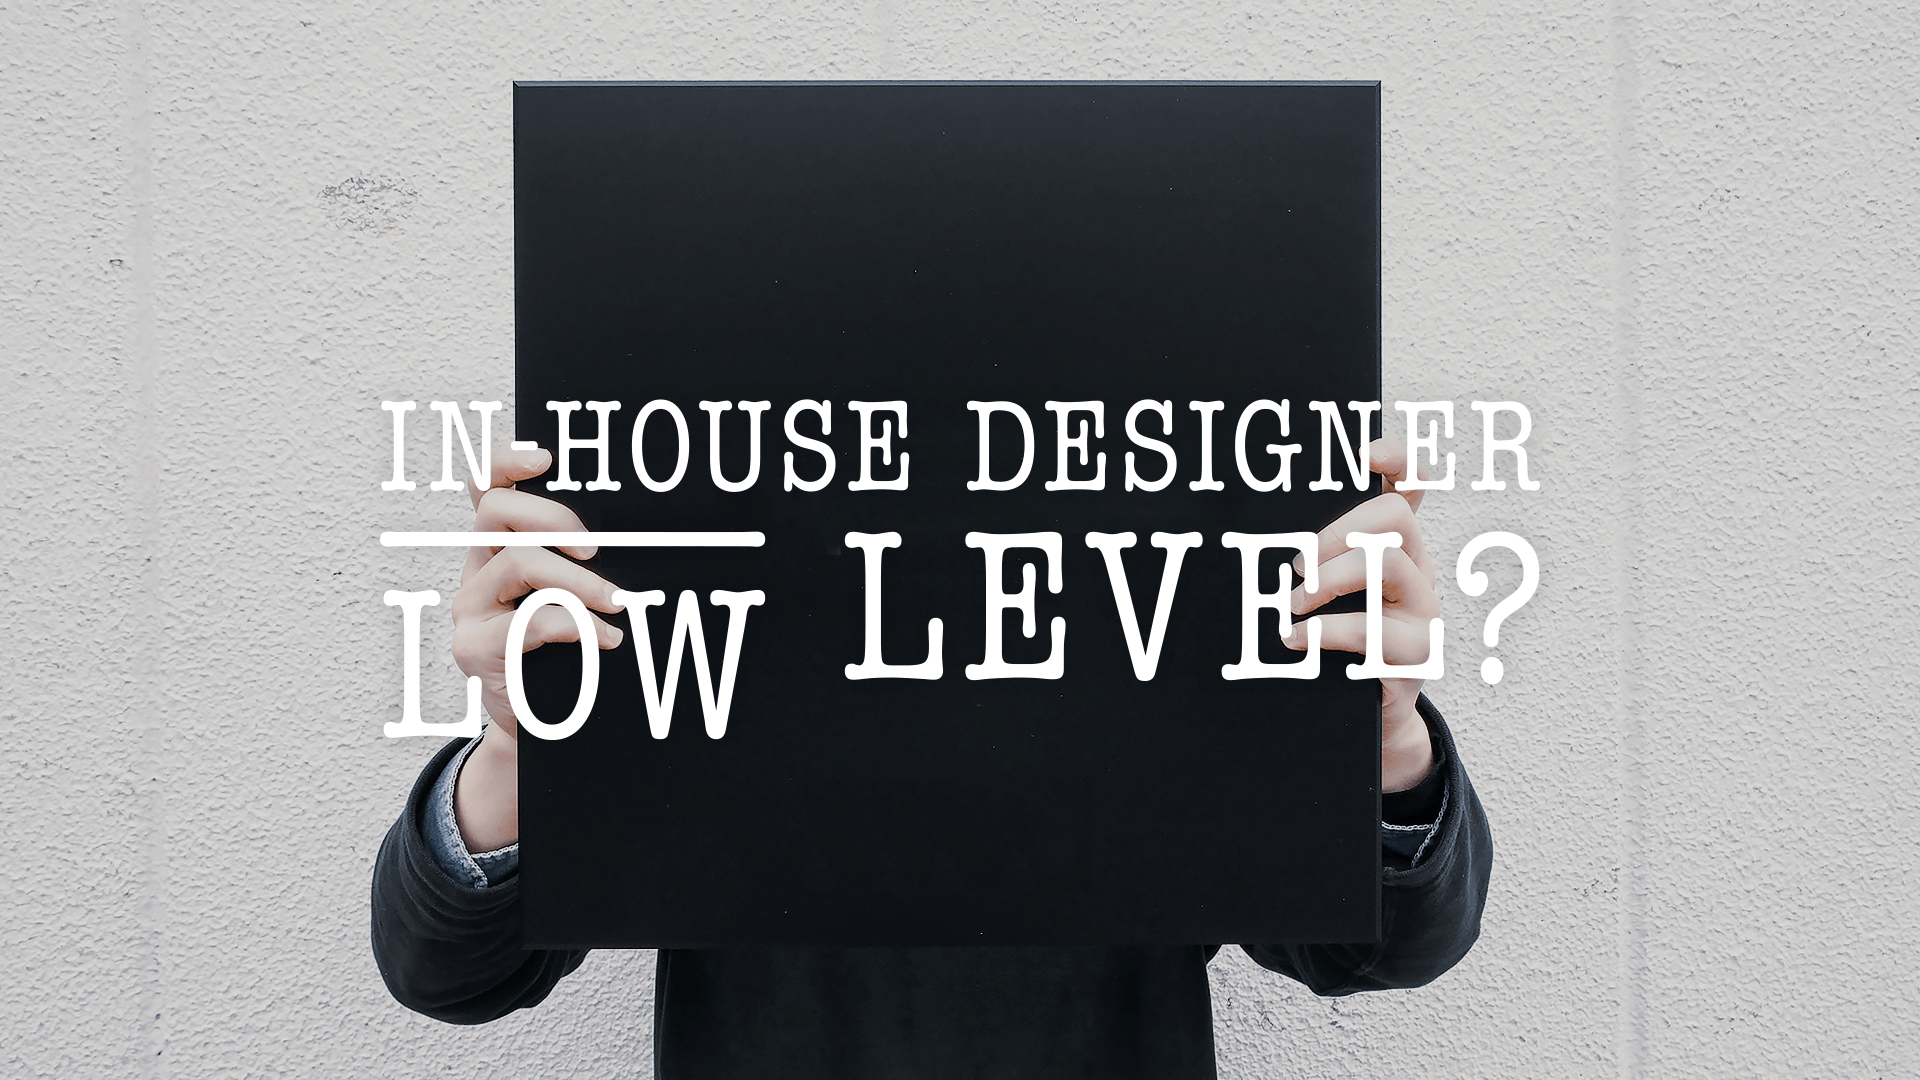 インハウスデザイナーはなぜレベルが低いと言われるのか?